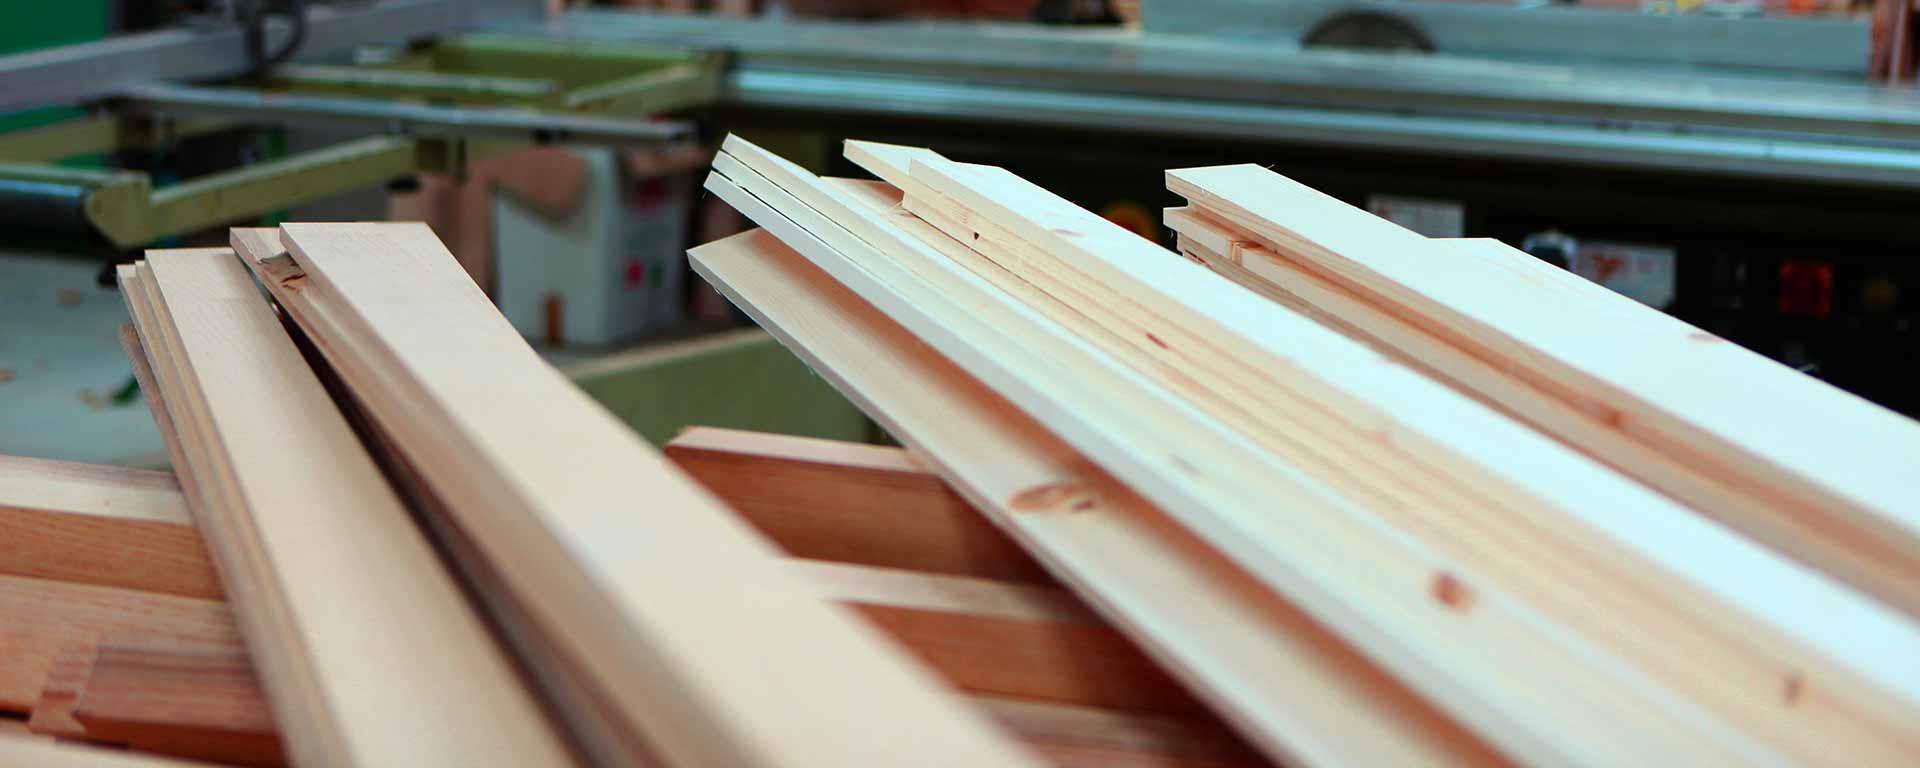 lavorazione-legno-doccula-sicilia